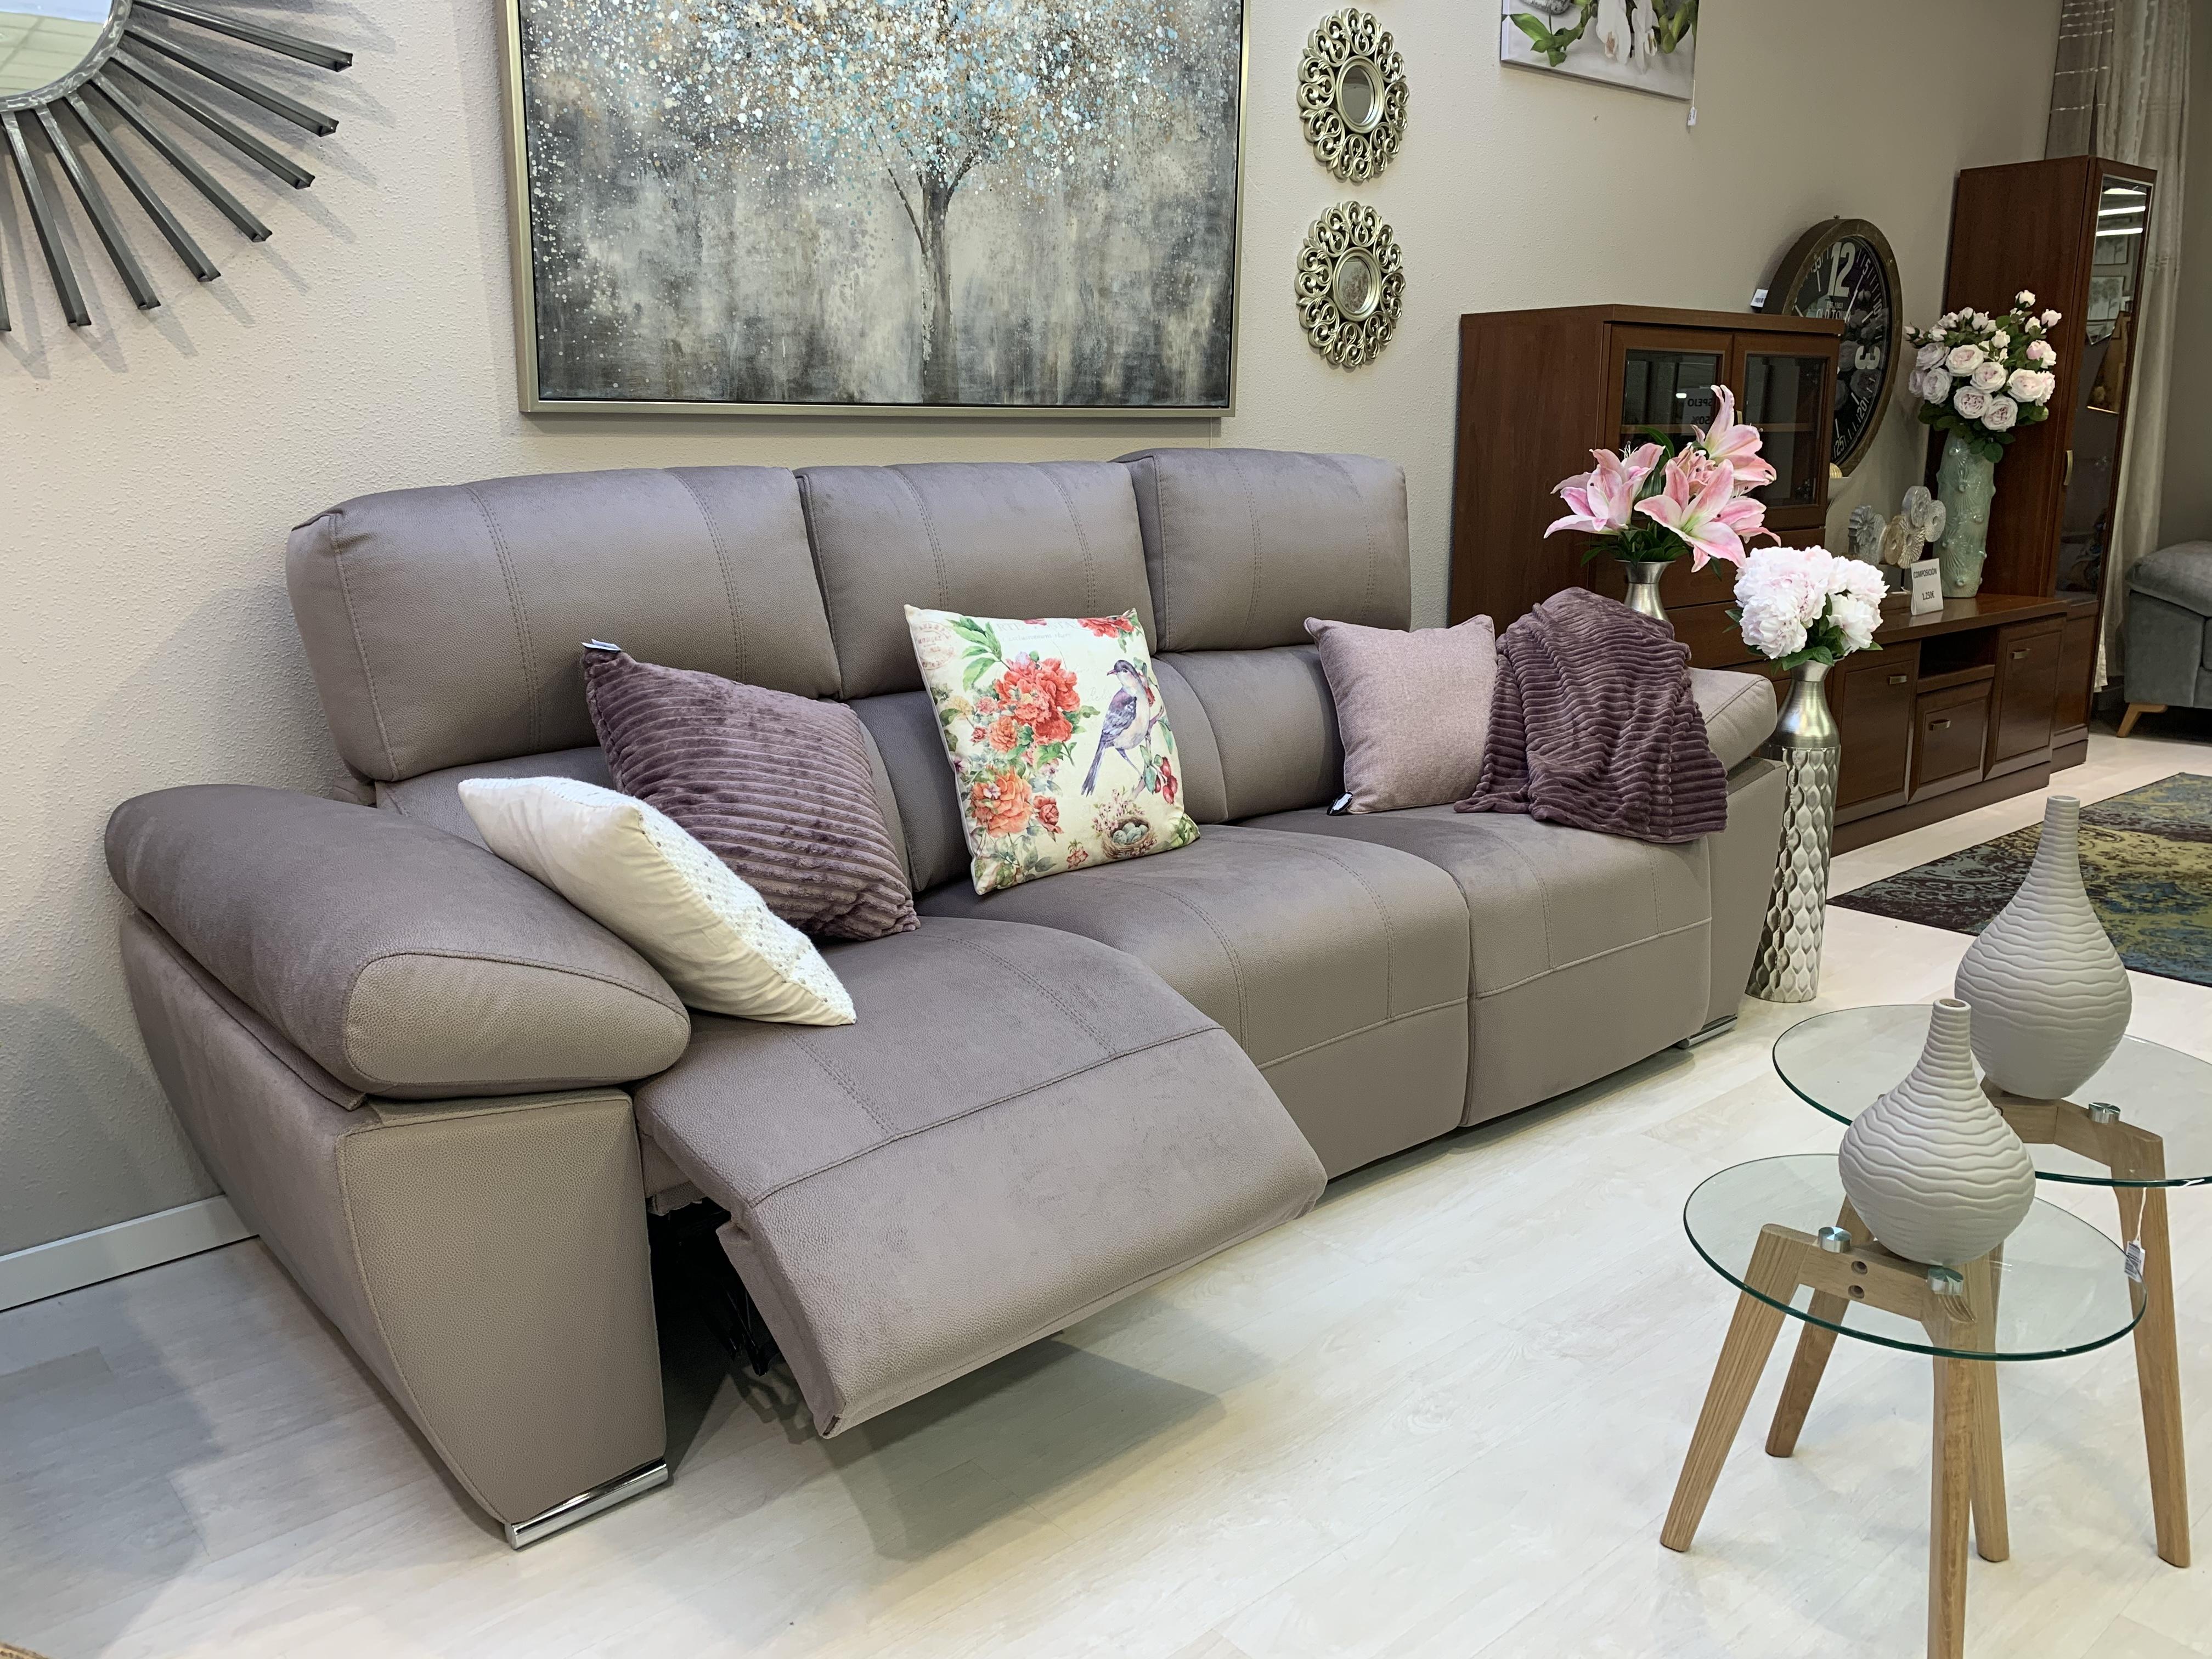 artica tiendas sofa Cartago